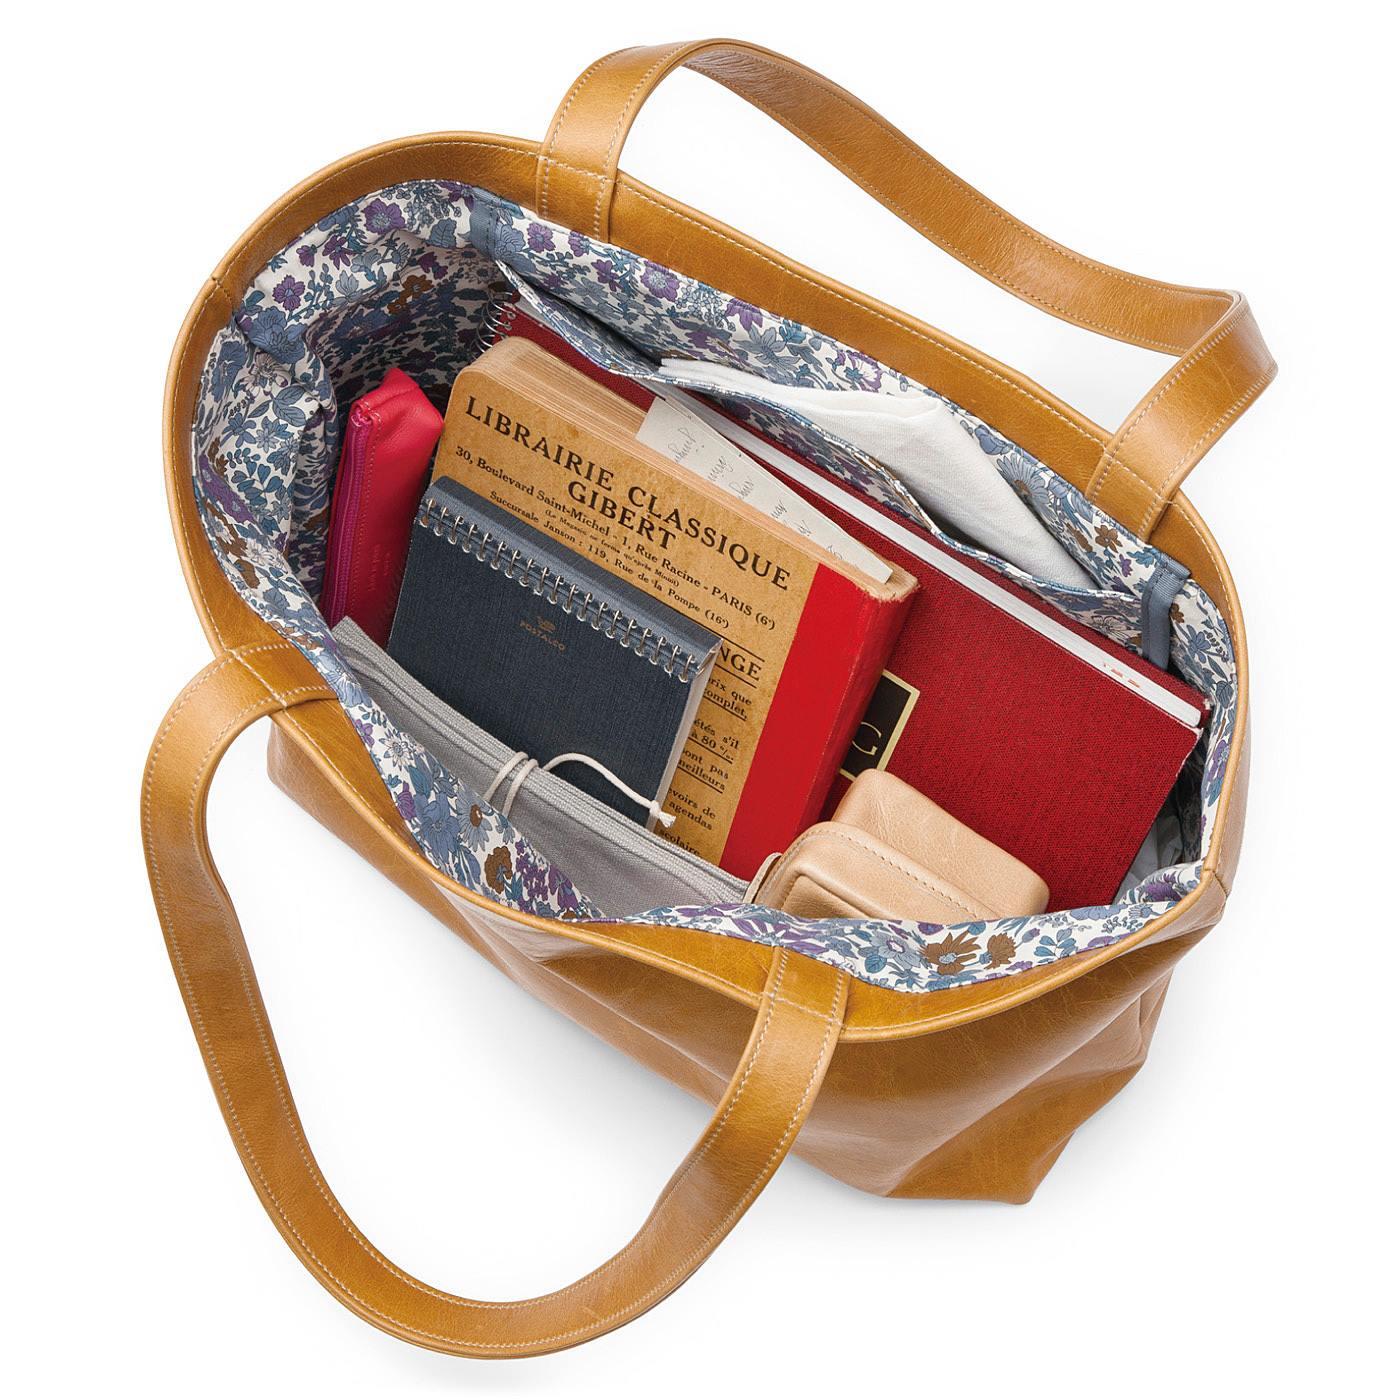 雑誌やA4サイズの書類もキレイにおさまる大きめサイズ。小物の仕分け収納に便利な大きめの内ポケット。